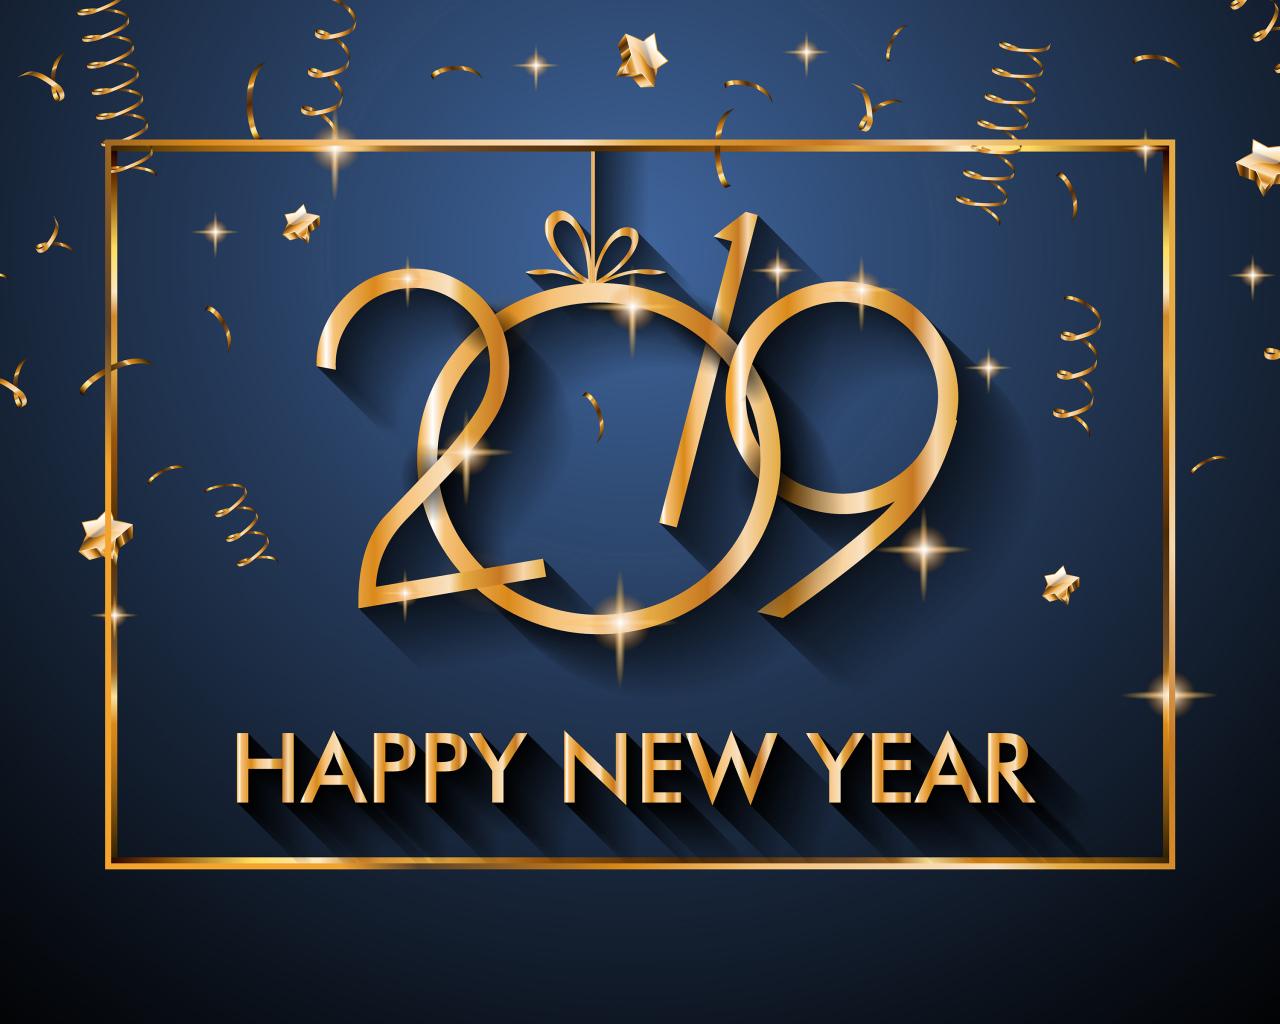 Happy New Year 2019 Desktop wallpapers 1280x1024